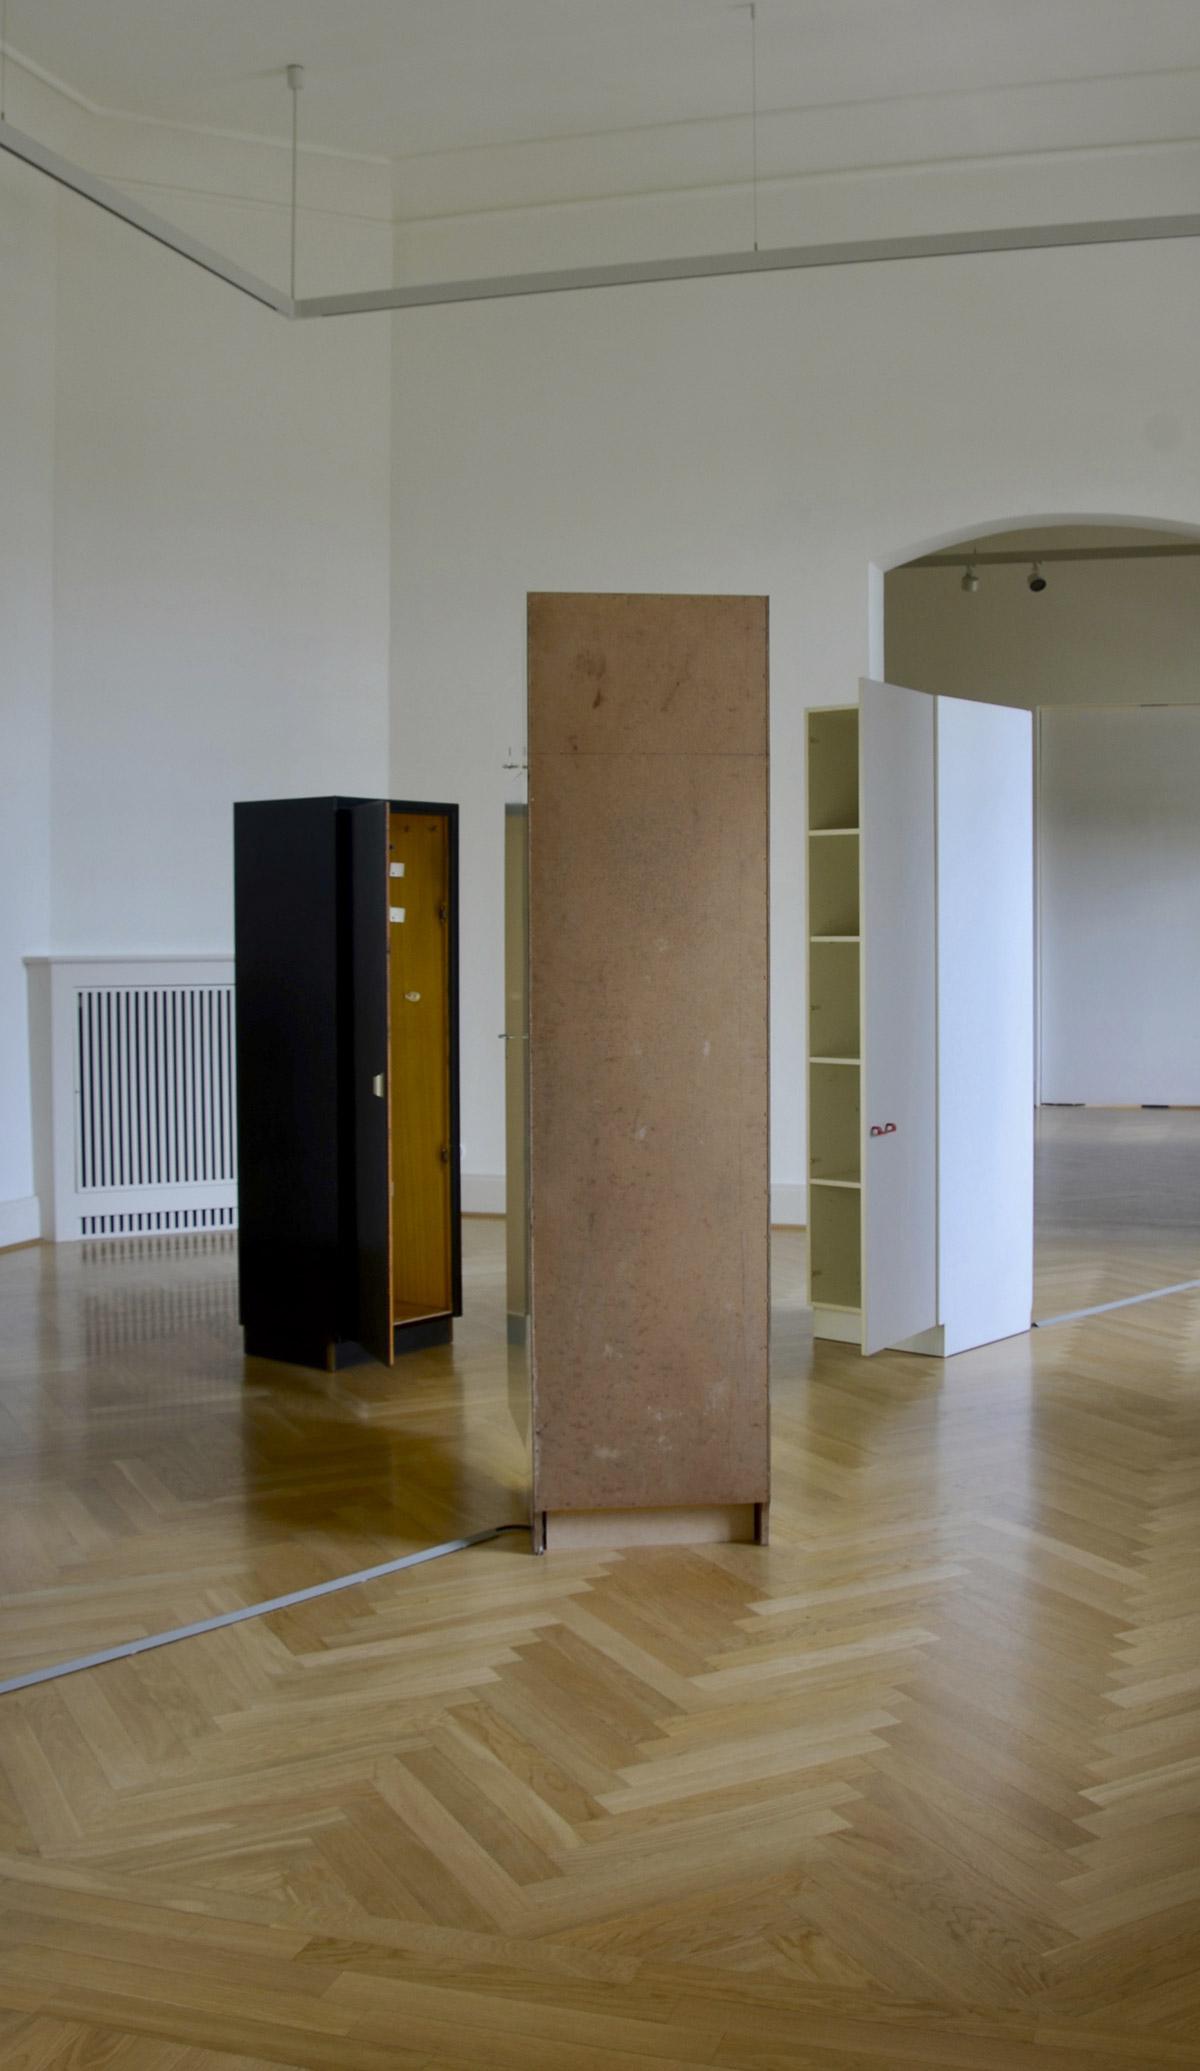 image: 3 Schränke, 2020